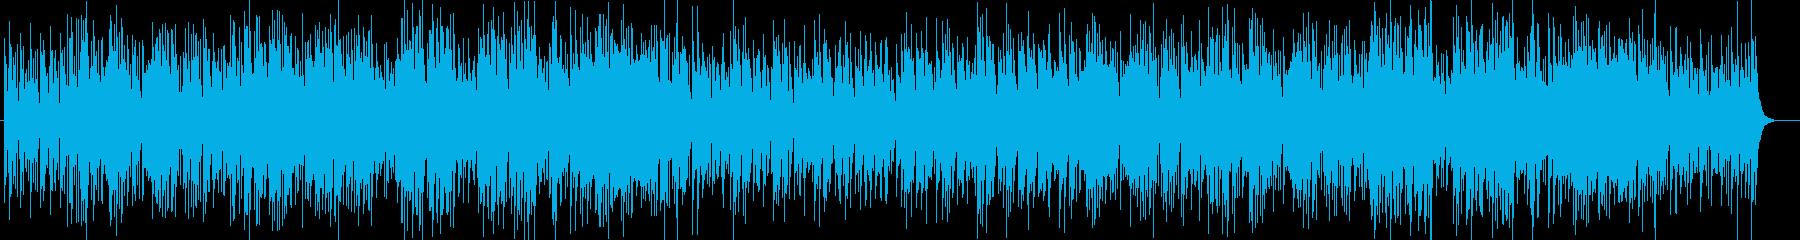 南国ムードのスチールドラムとシンセ曲の再生済みの波形